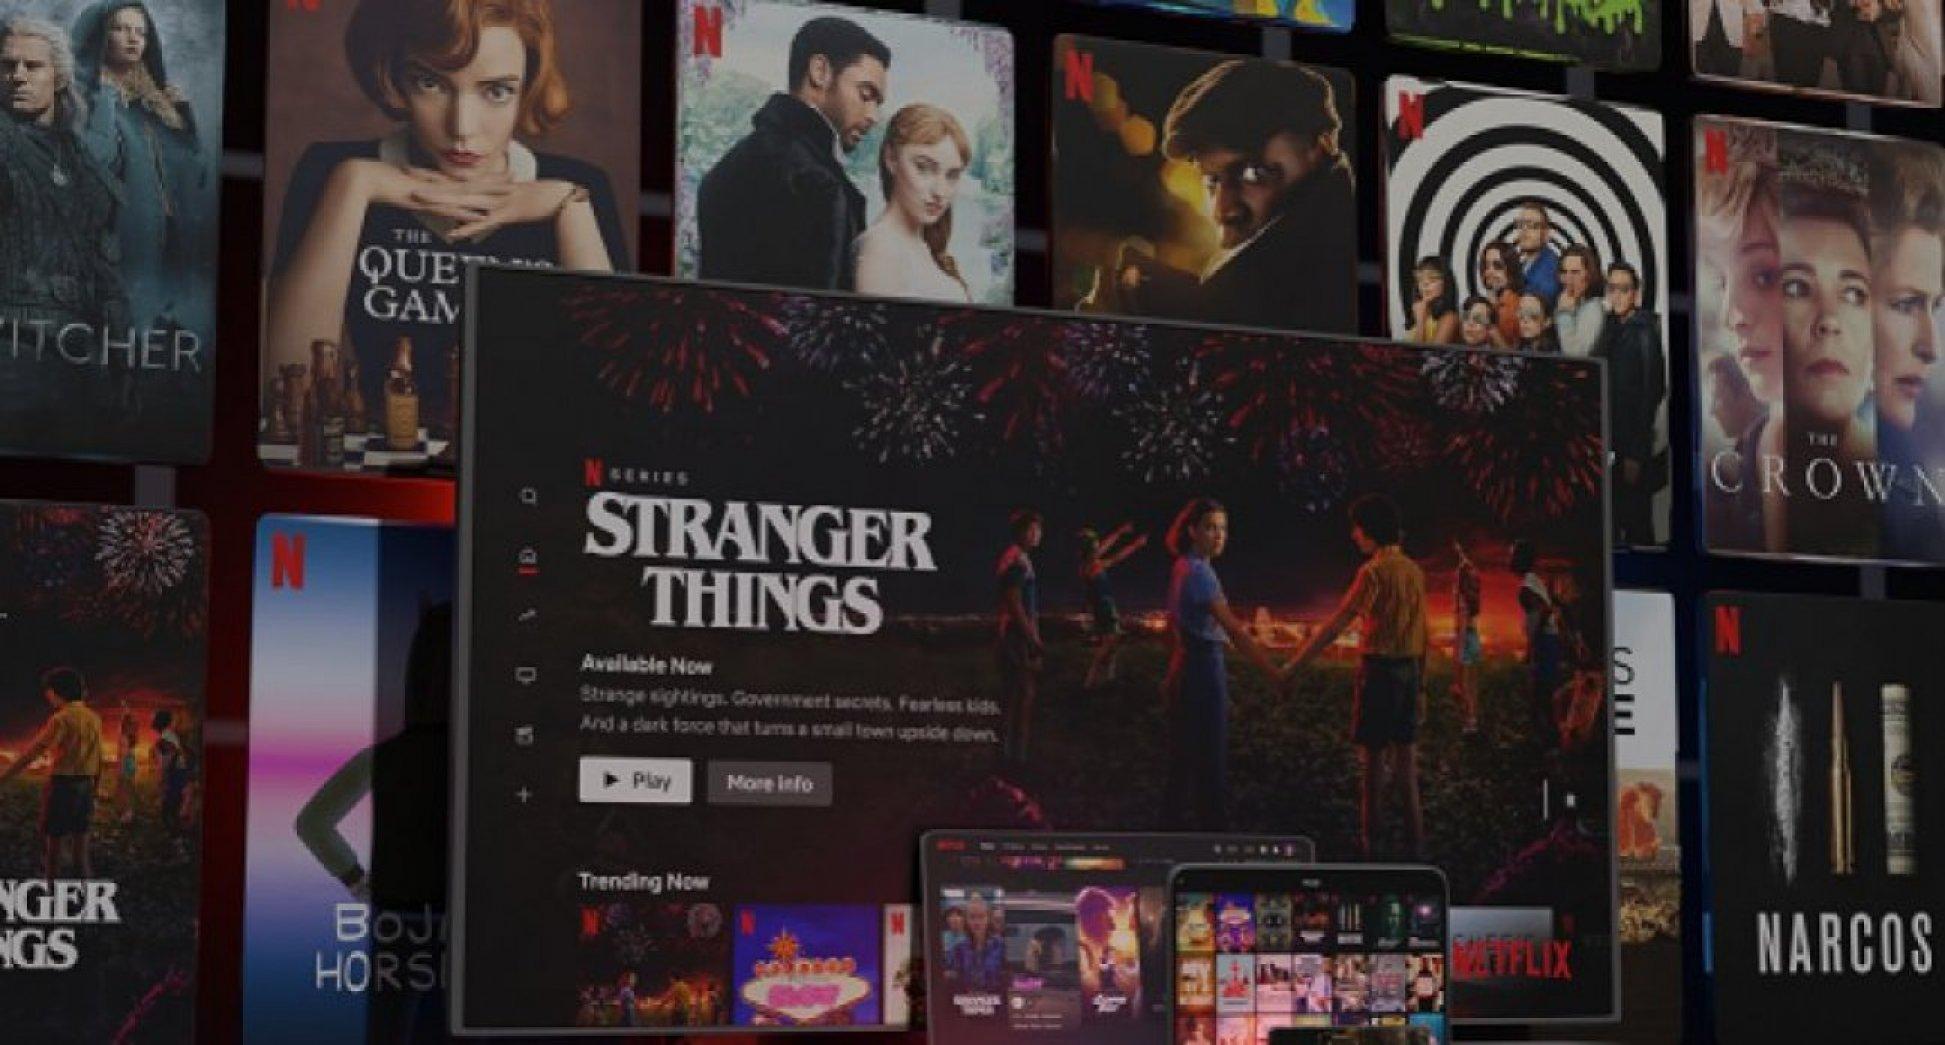 「兩分鐘列入觀看」被淘汰!Netflix宣布收視數據改採觀看時數統計